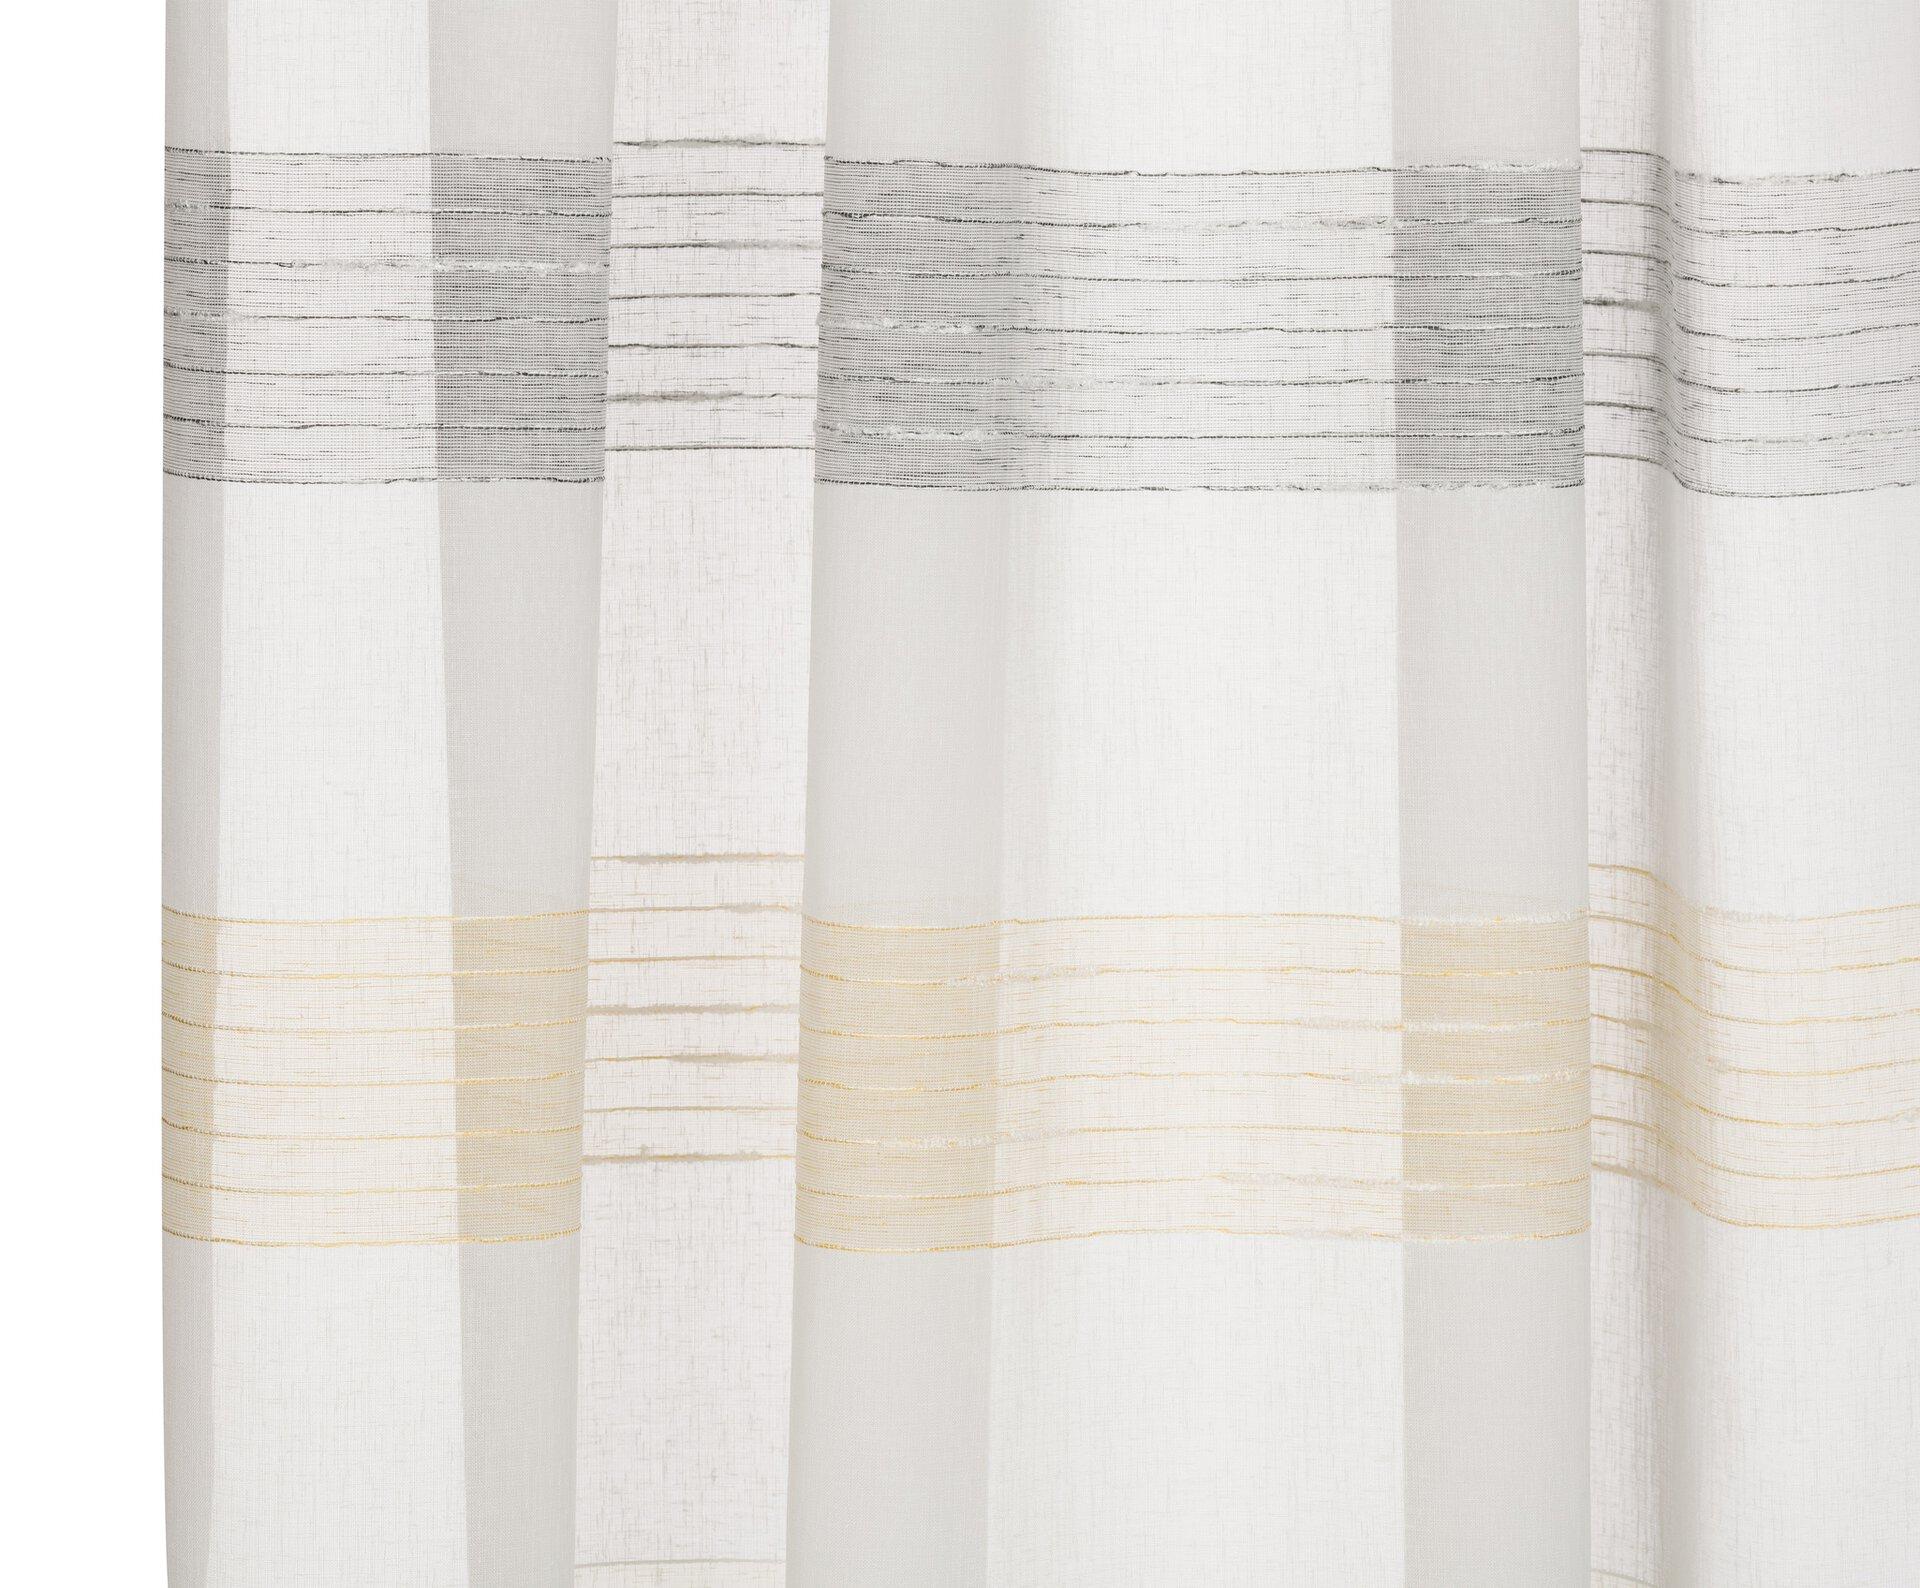 Schlaufenschal Chianti Ambiente Trendlife Textil gelb 140 x 245 cm